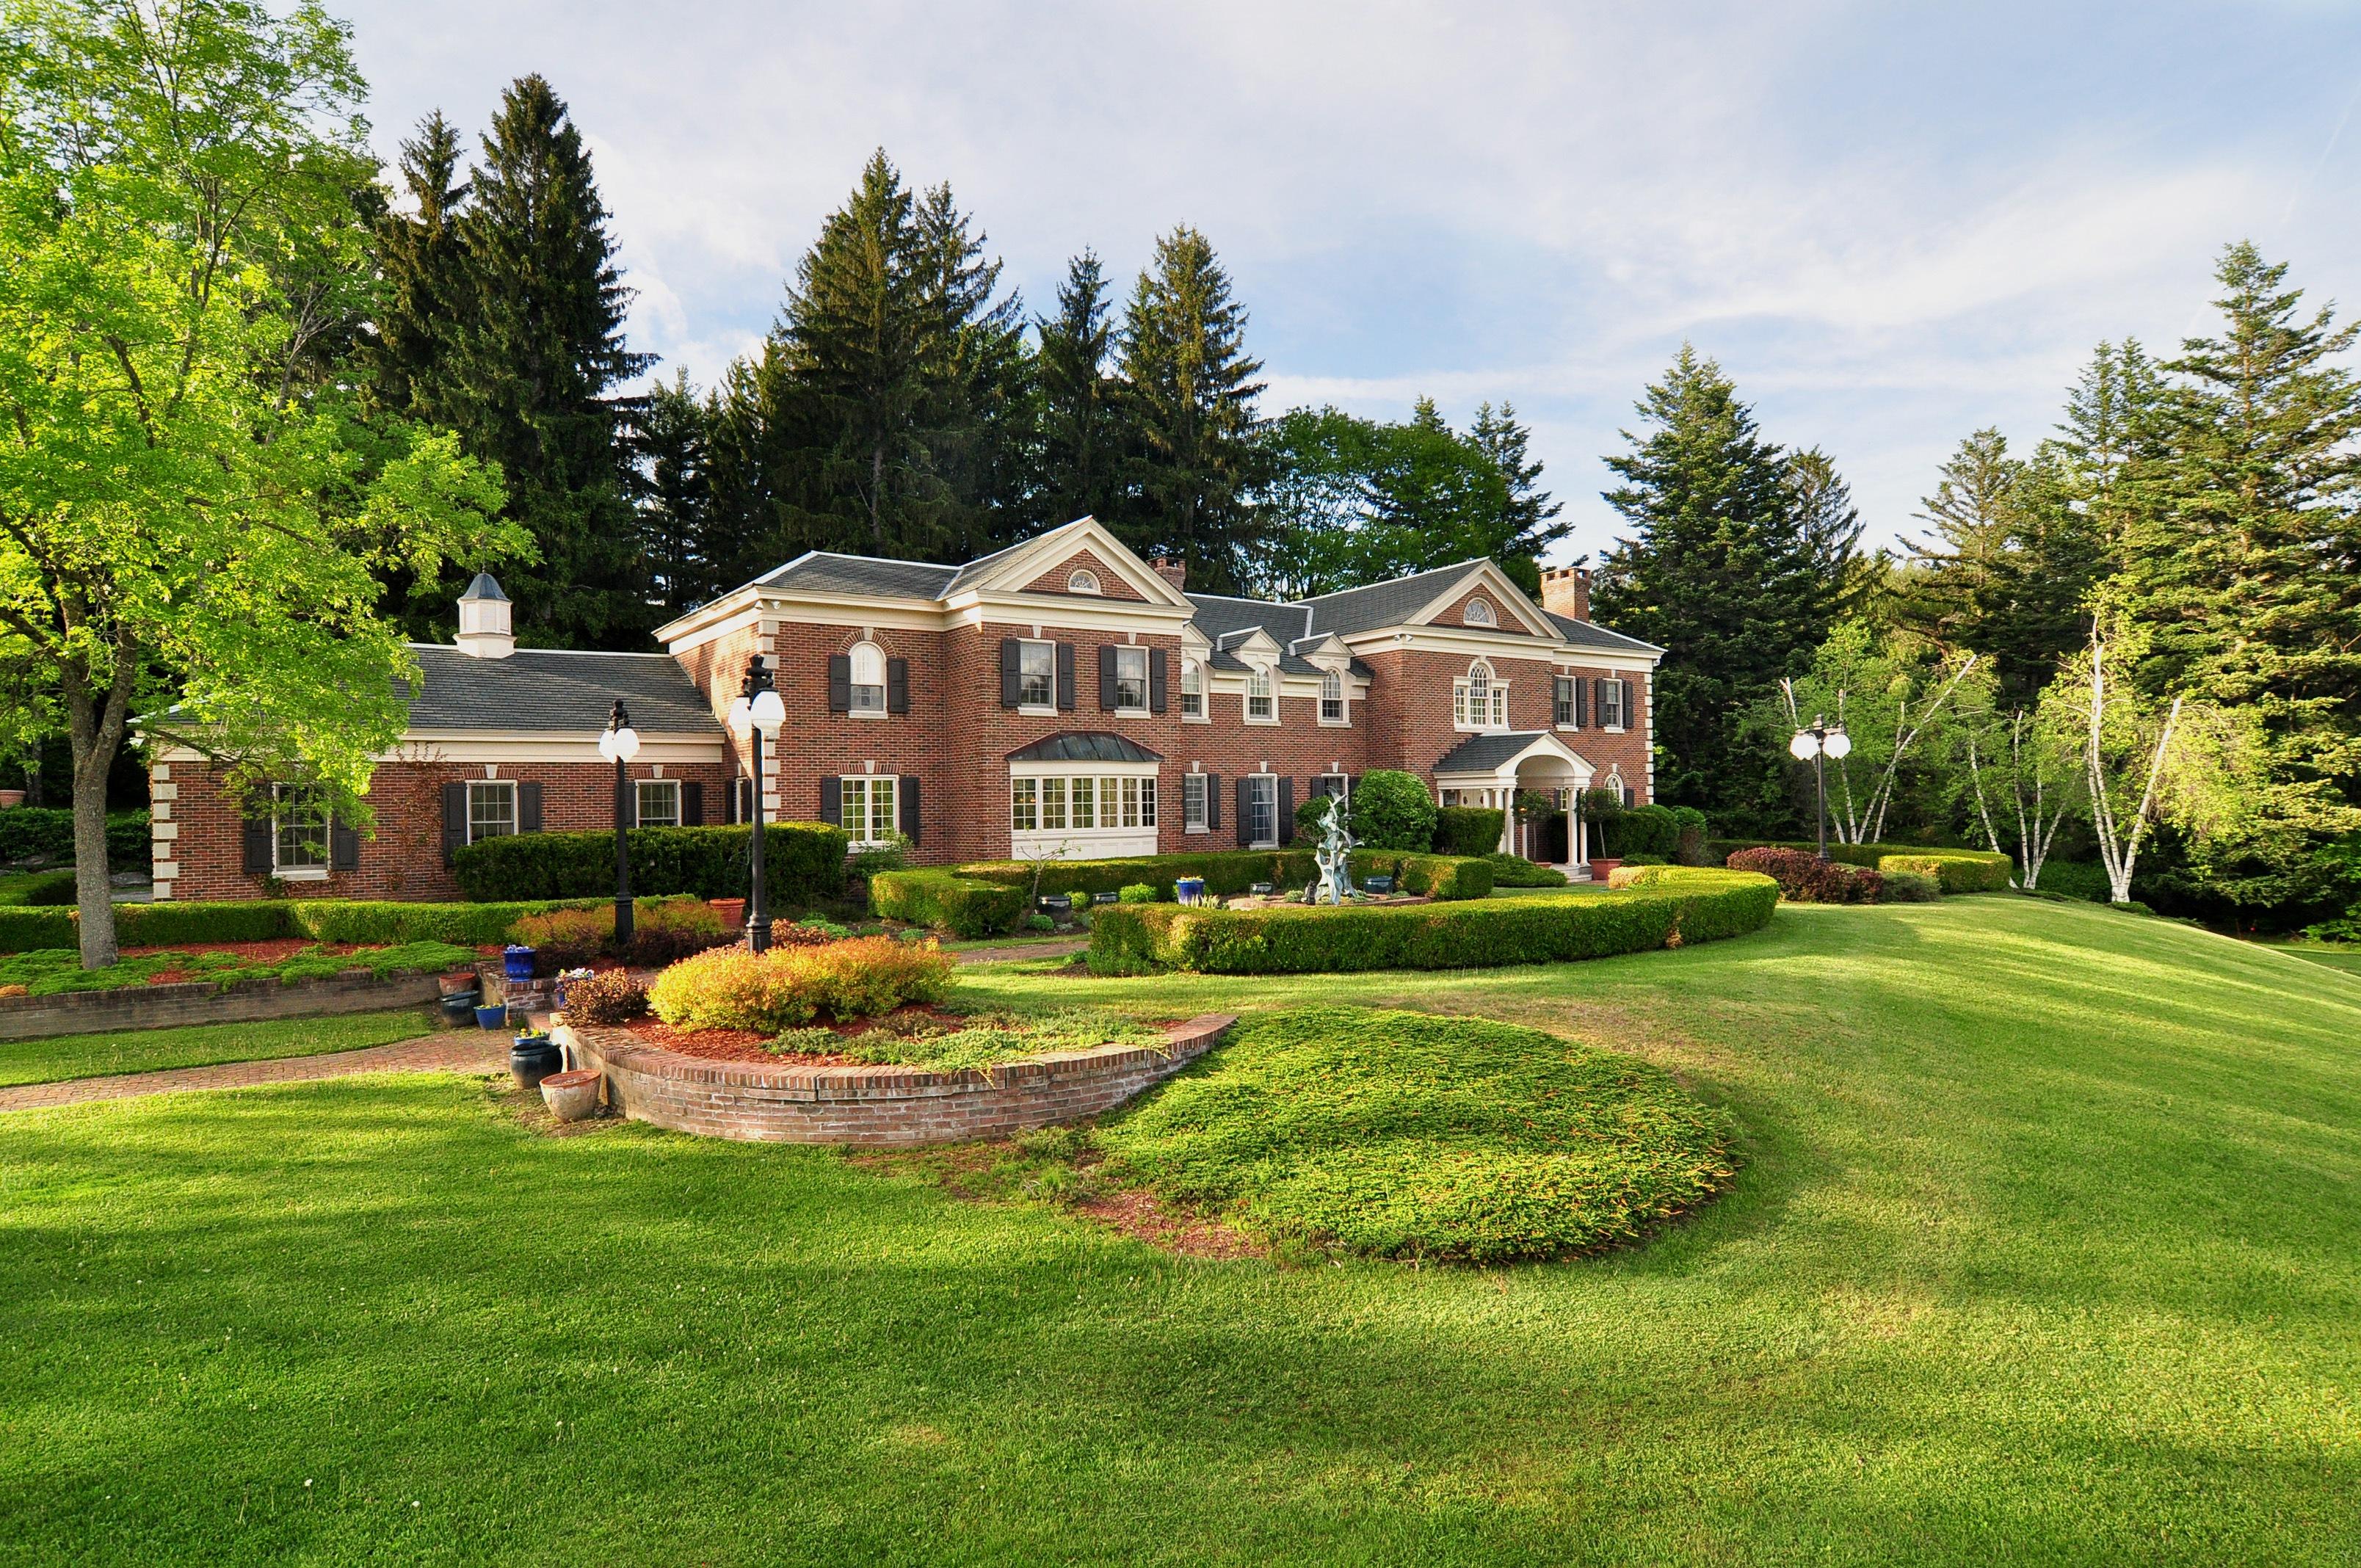 단독 가정 주택 용 매매 에 Spectacular 36-acre Estate Steps from Tanglewood 79 Hawthorne St Stockbridge, 매사추세츠 01262 미국